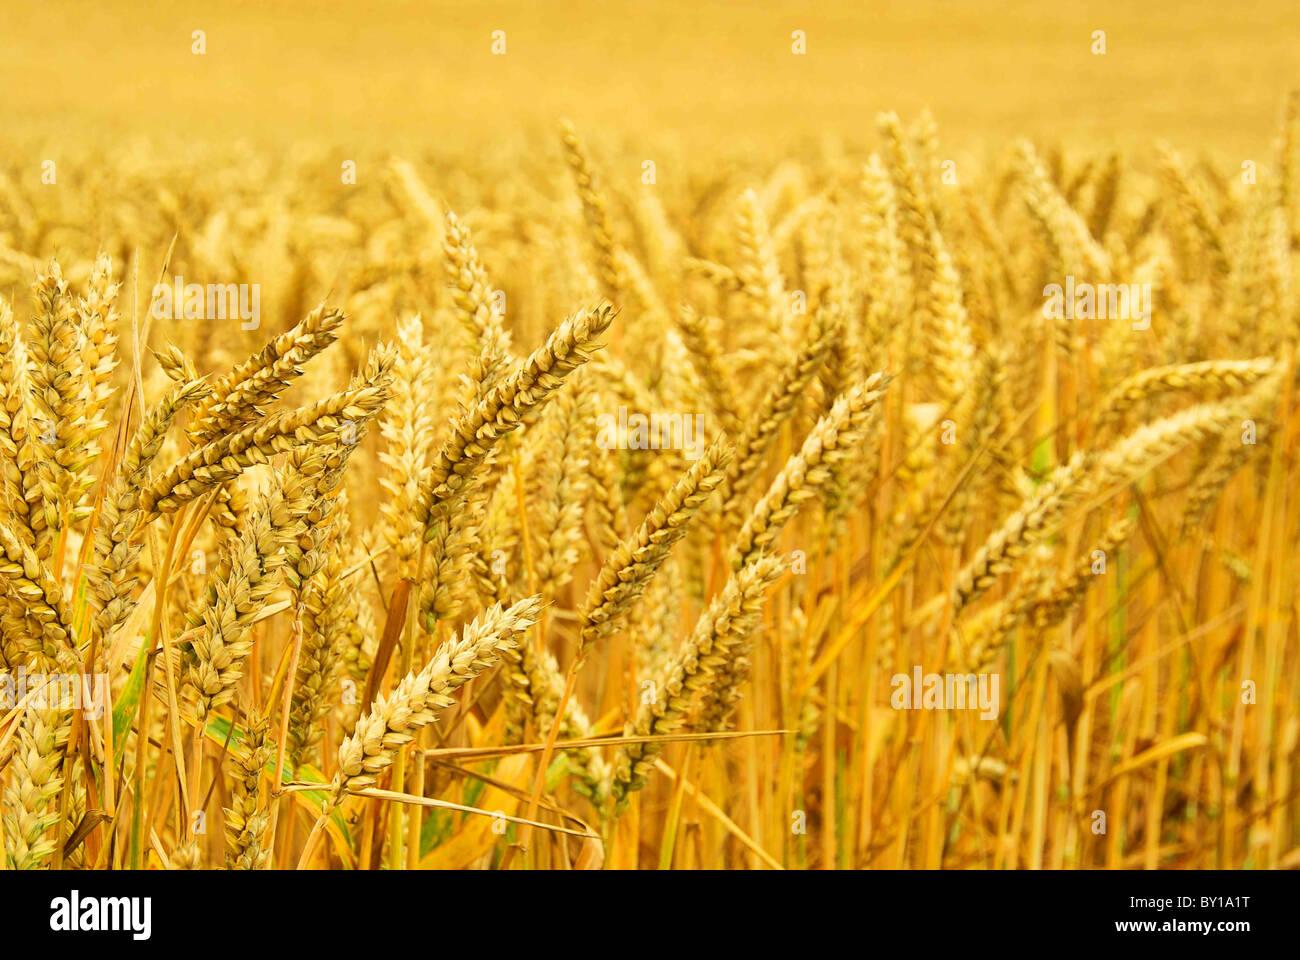 Weizenfeld - wheat field 03 Stock Photo